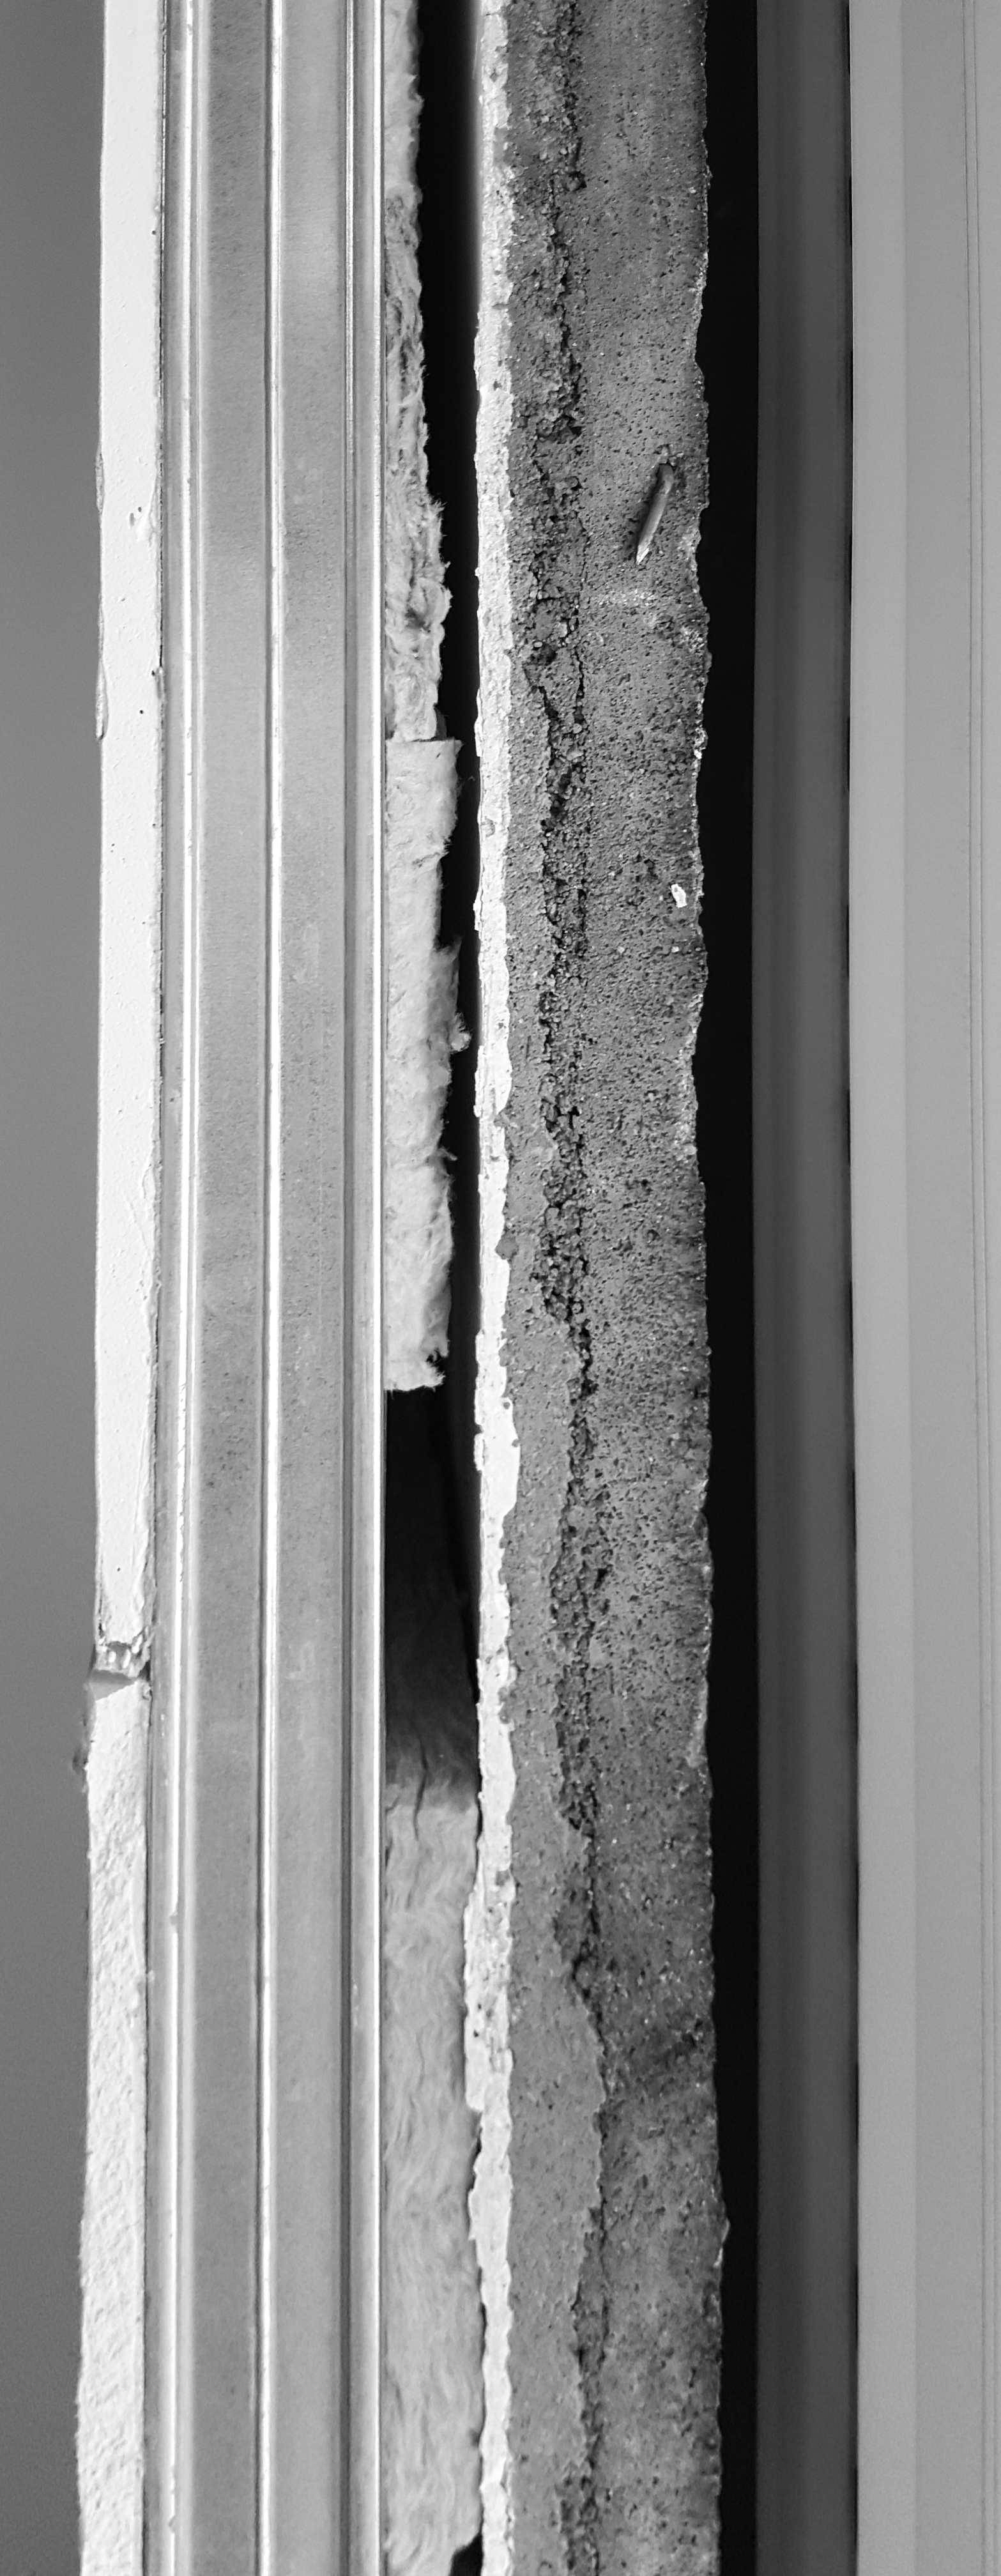 Apartamento Alcântara - Lisboa - EVA evolutionary architecture - EVA atelier - arquitectura - remodelação (15).jpg